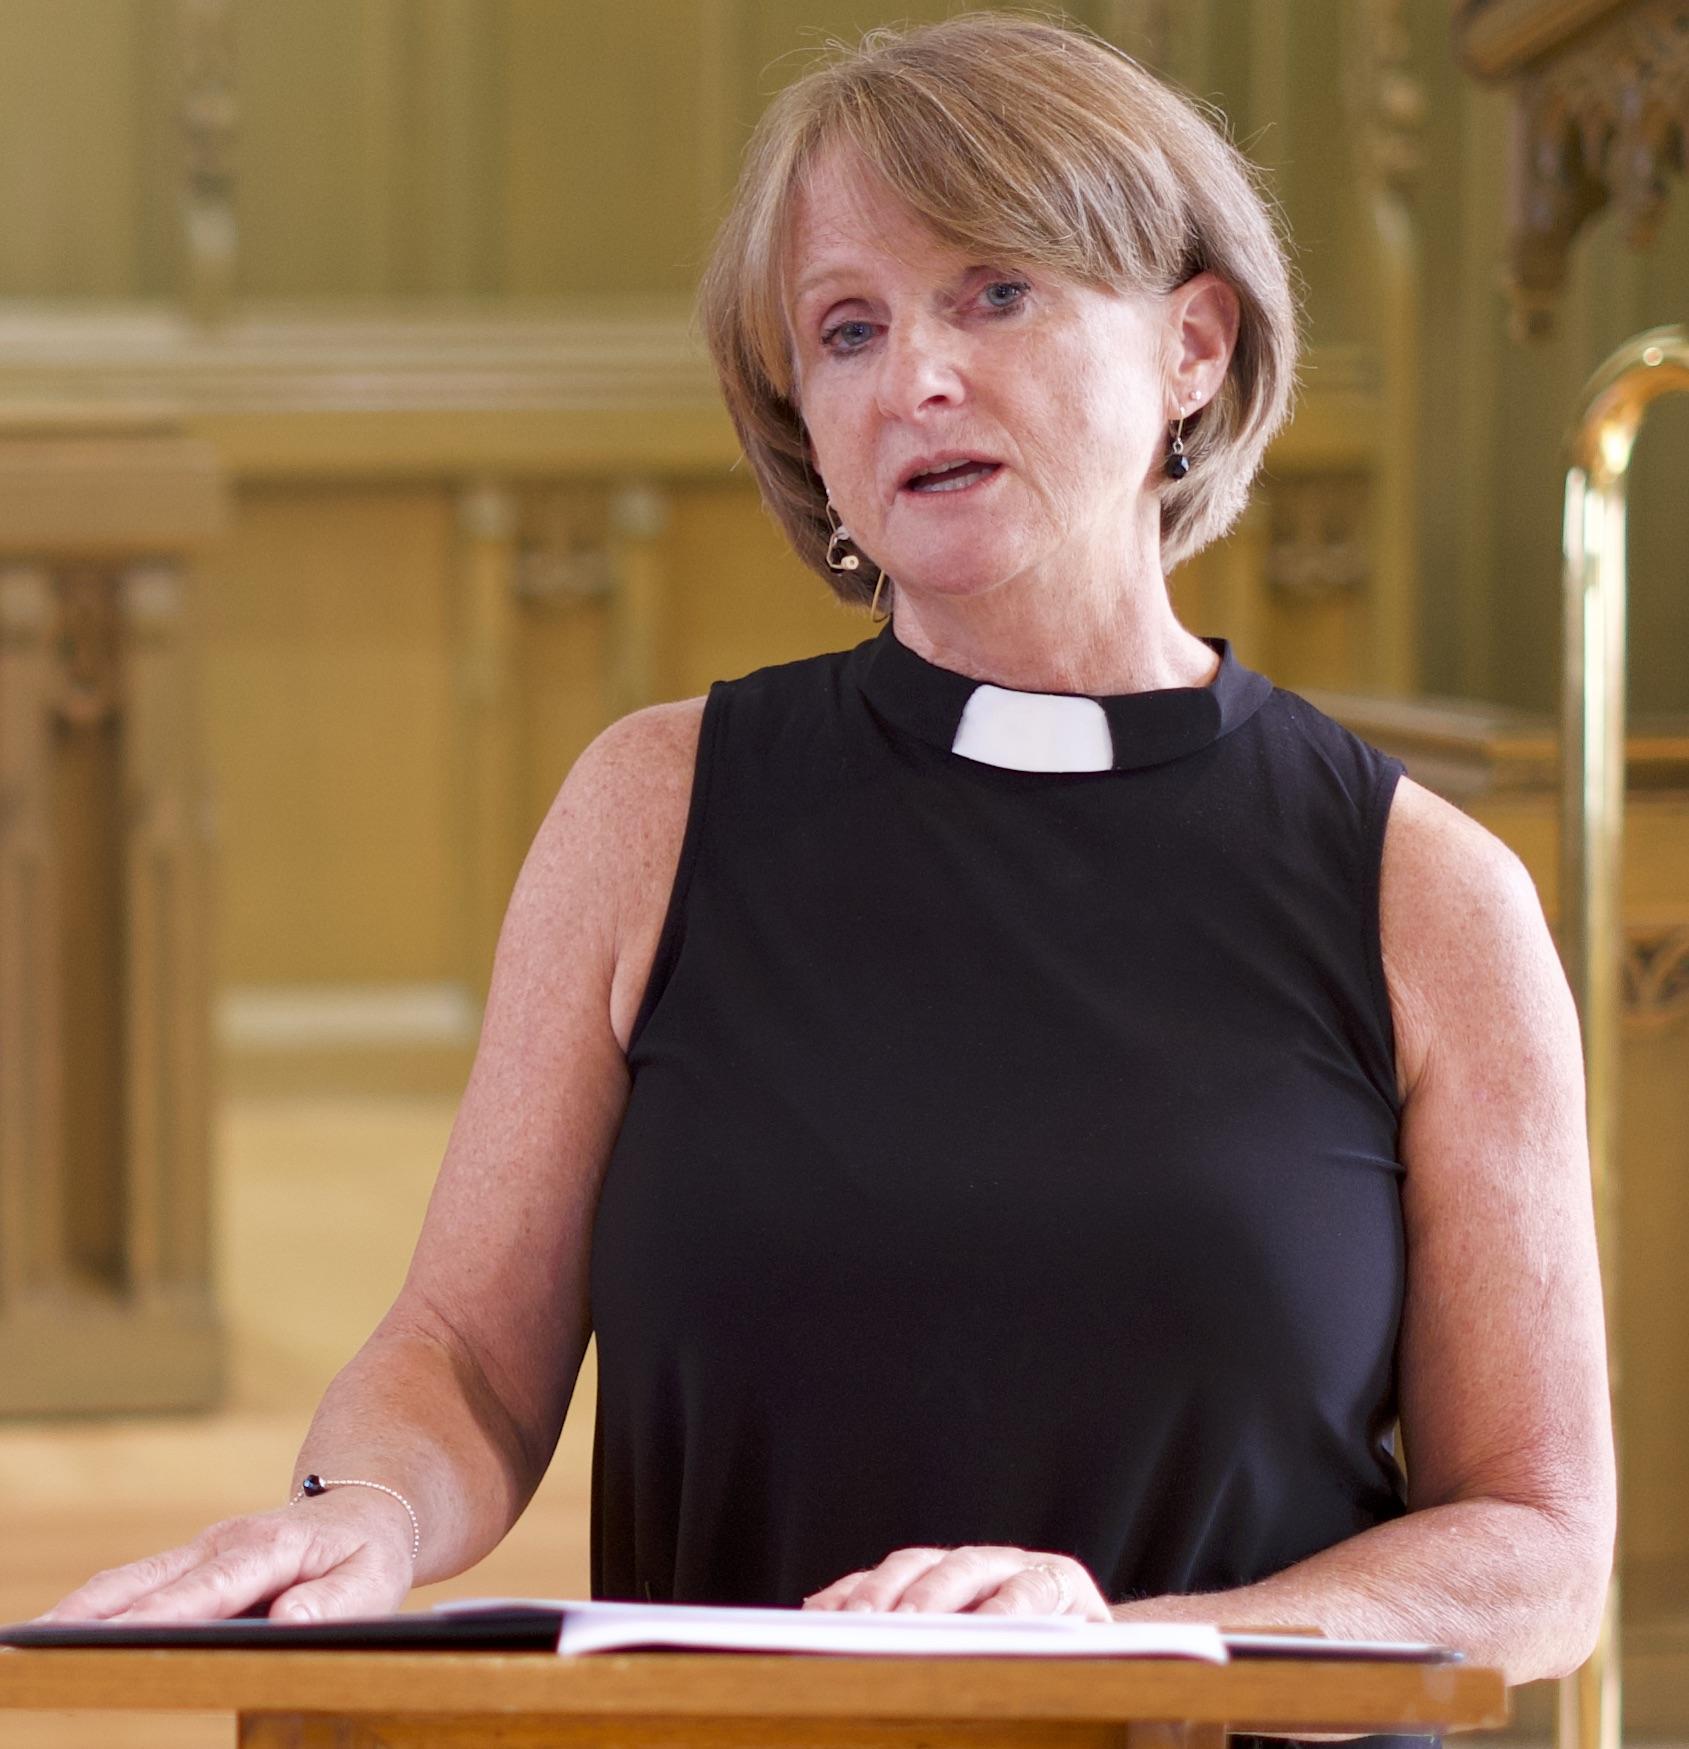 Meet St. John's Minister